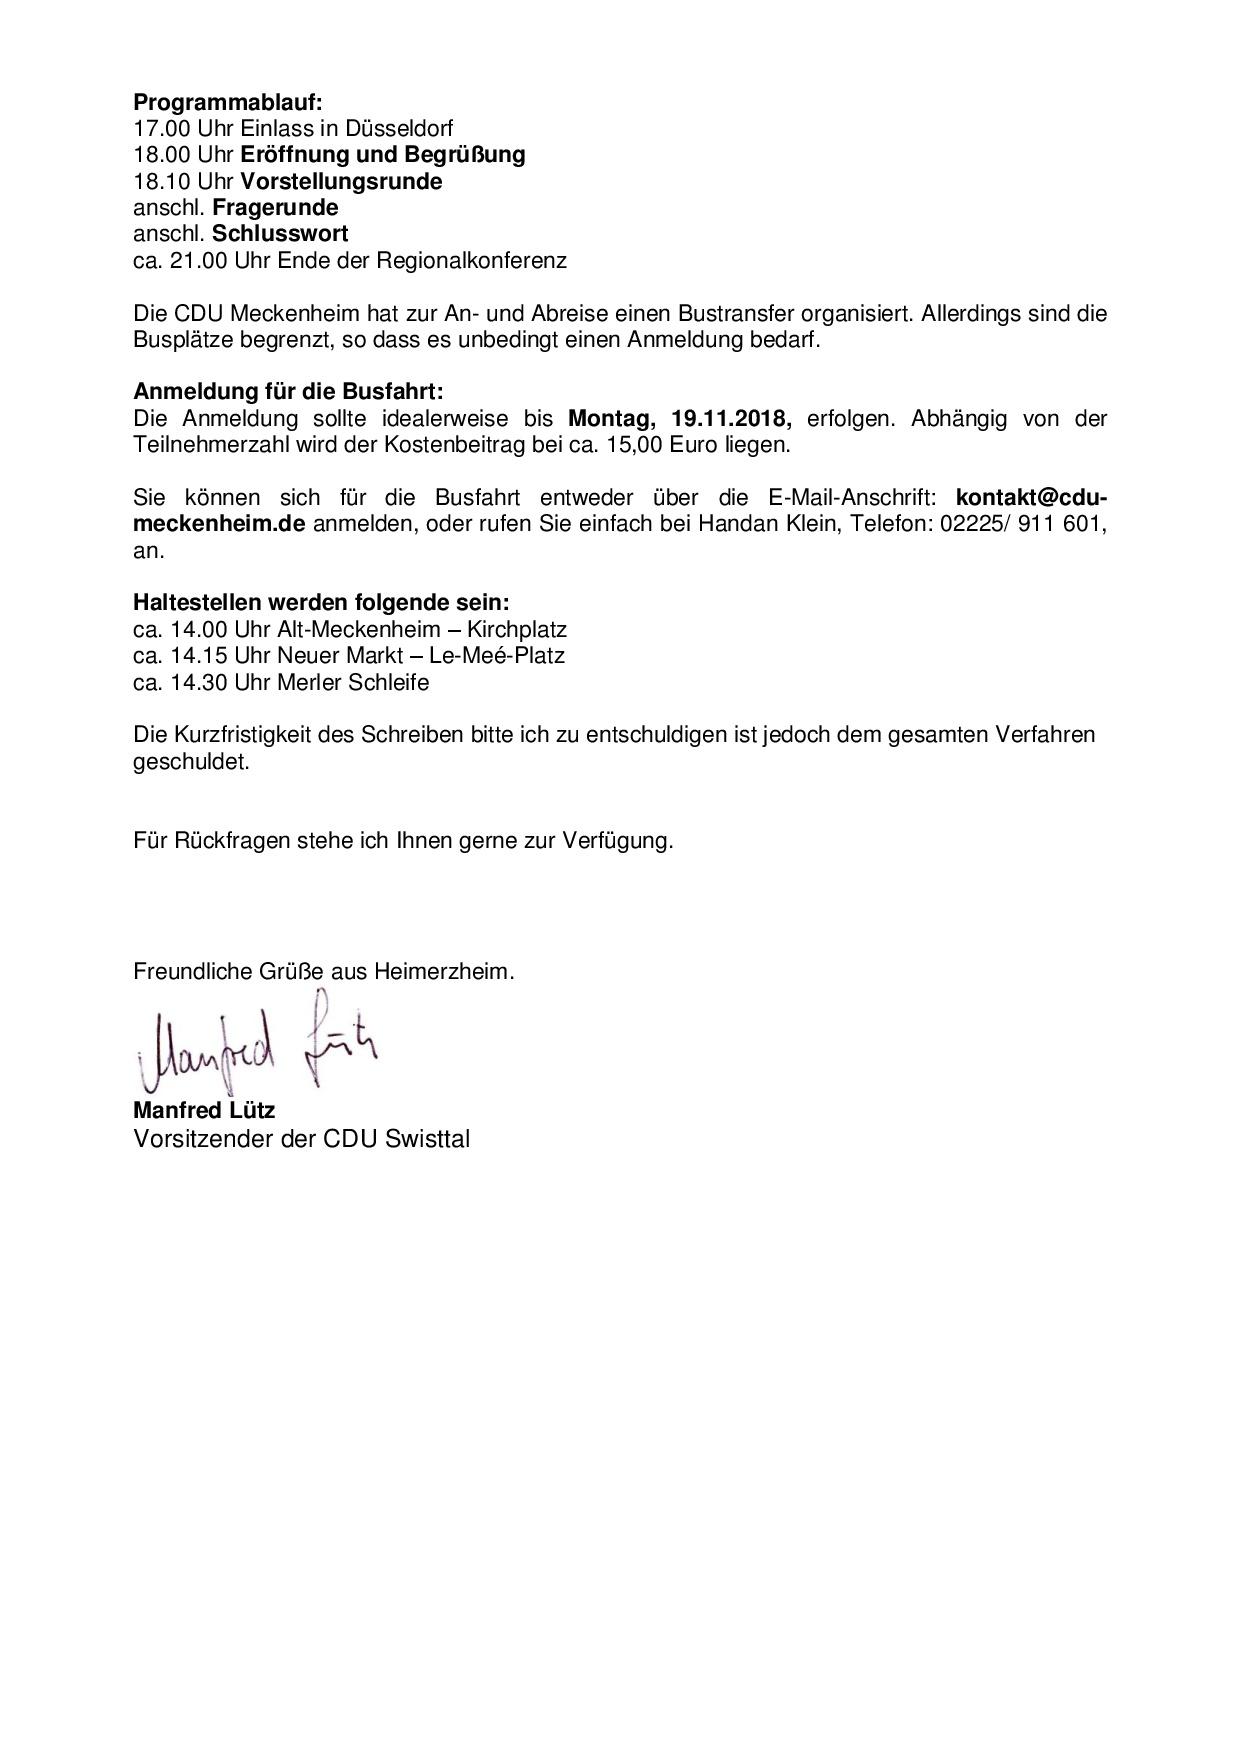 Anmeldung Zur Regionalkonferenz Am 281118 In Düsseldorf Cdu